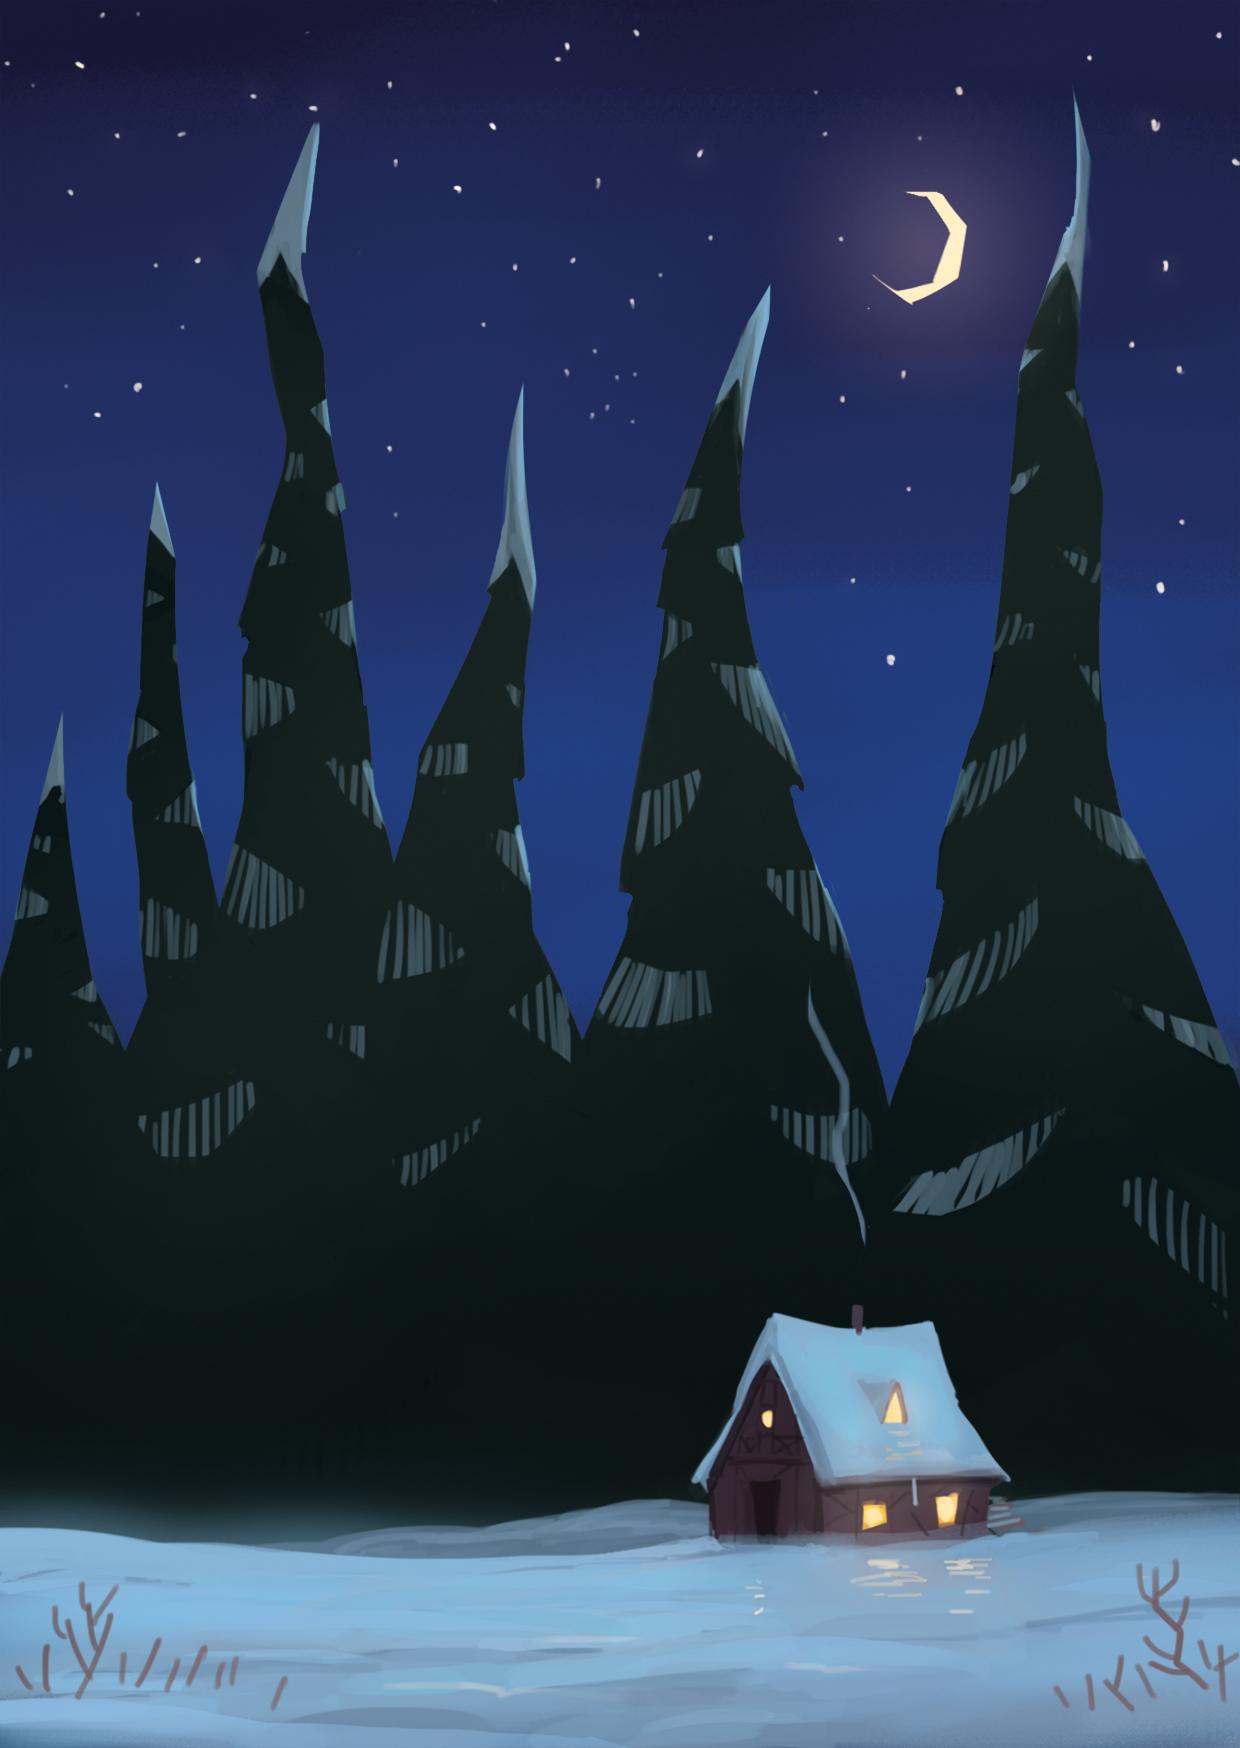 Einsame Hütte vor einer klaren Winternacht